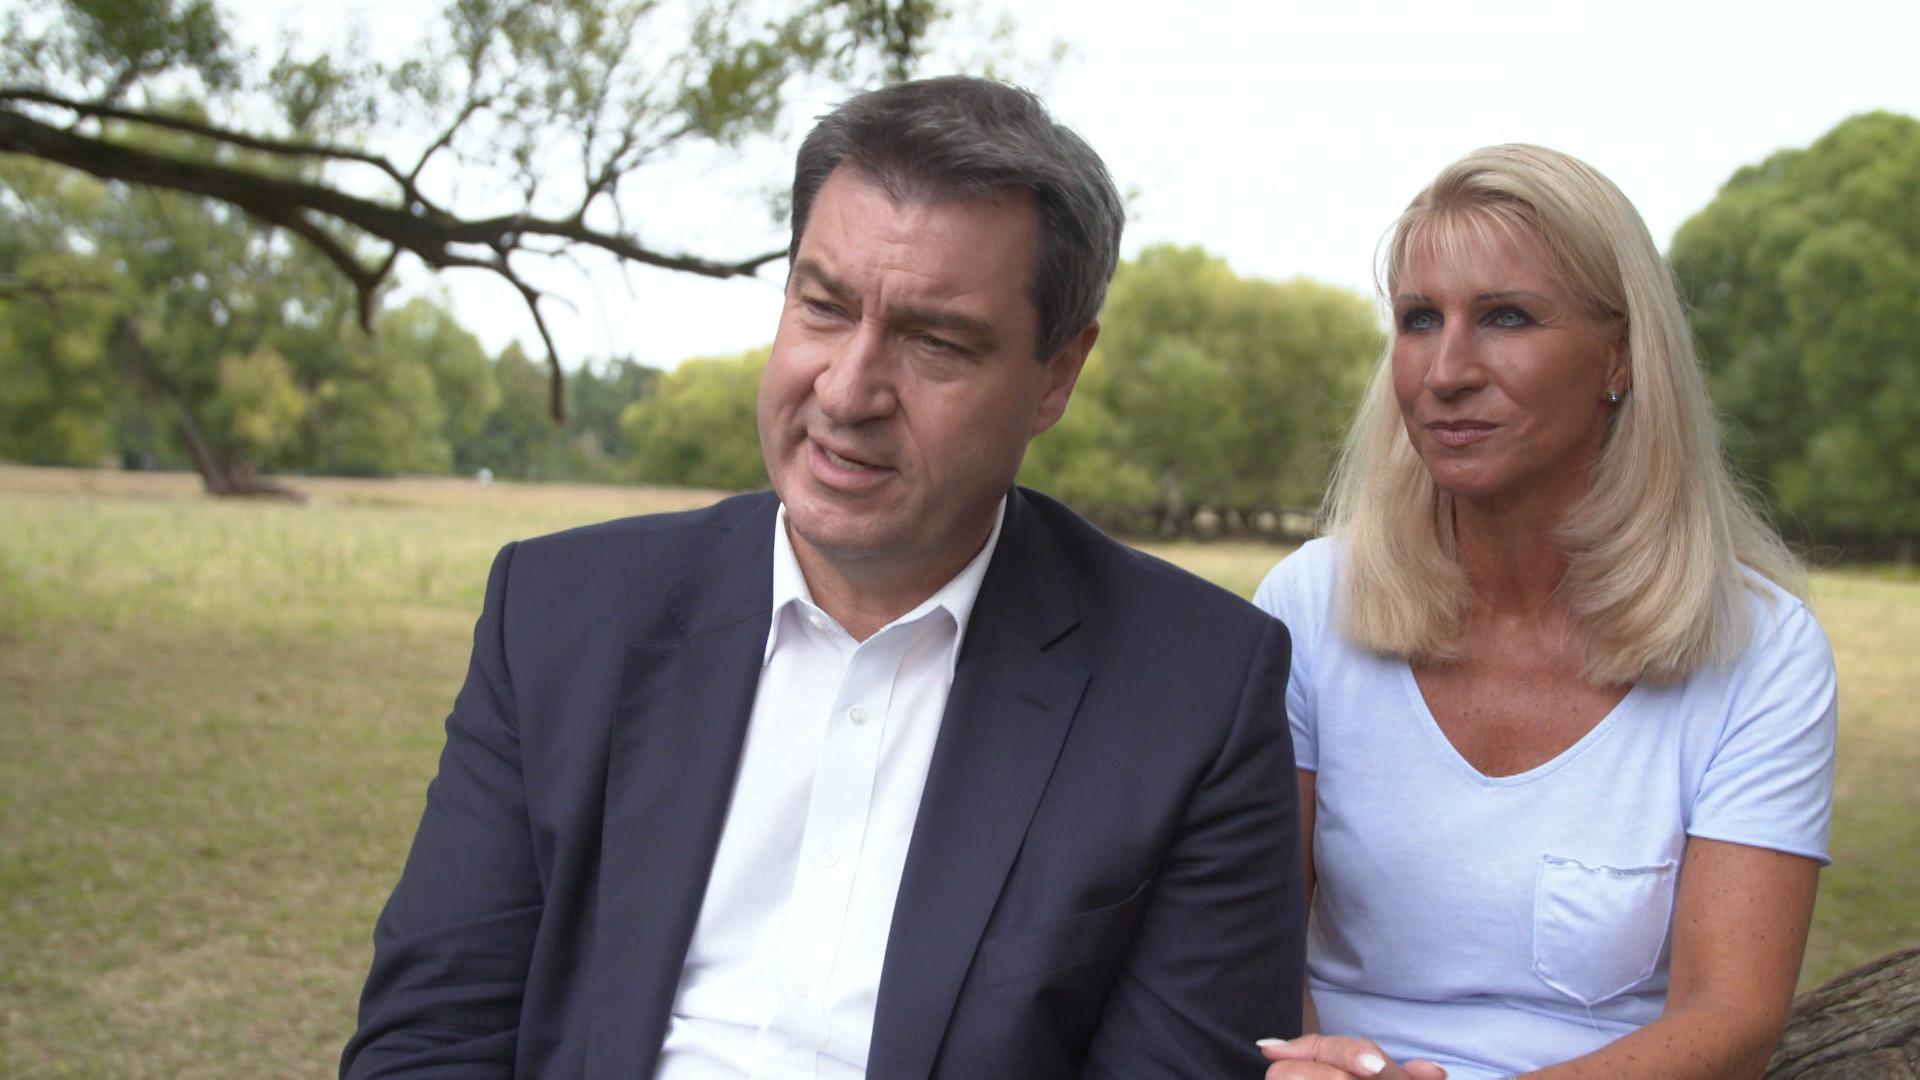 Bei der Landtagswahl steht Söder vor seiner größten politischen Herausforderung